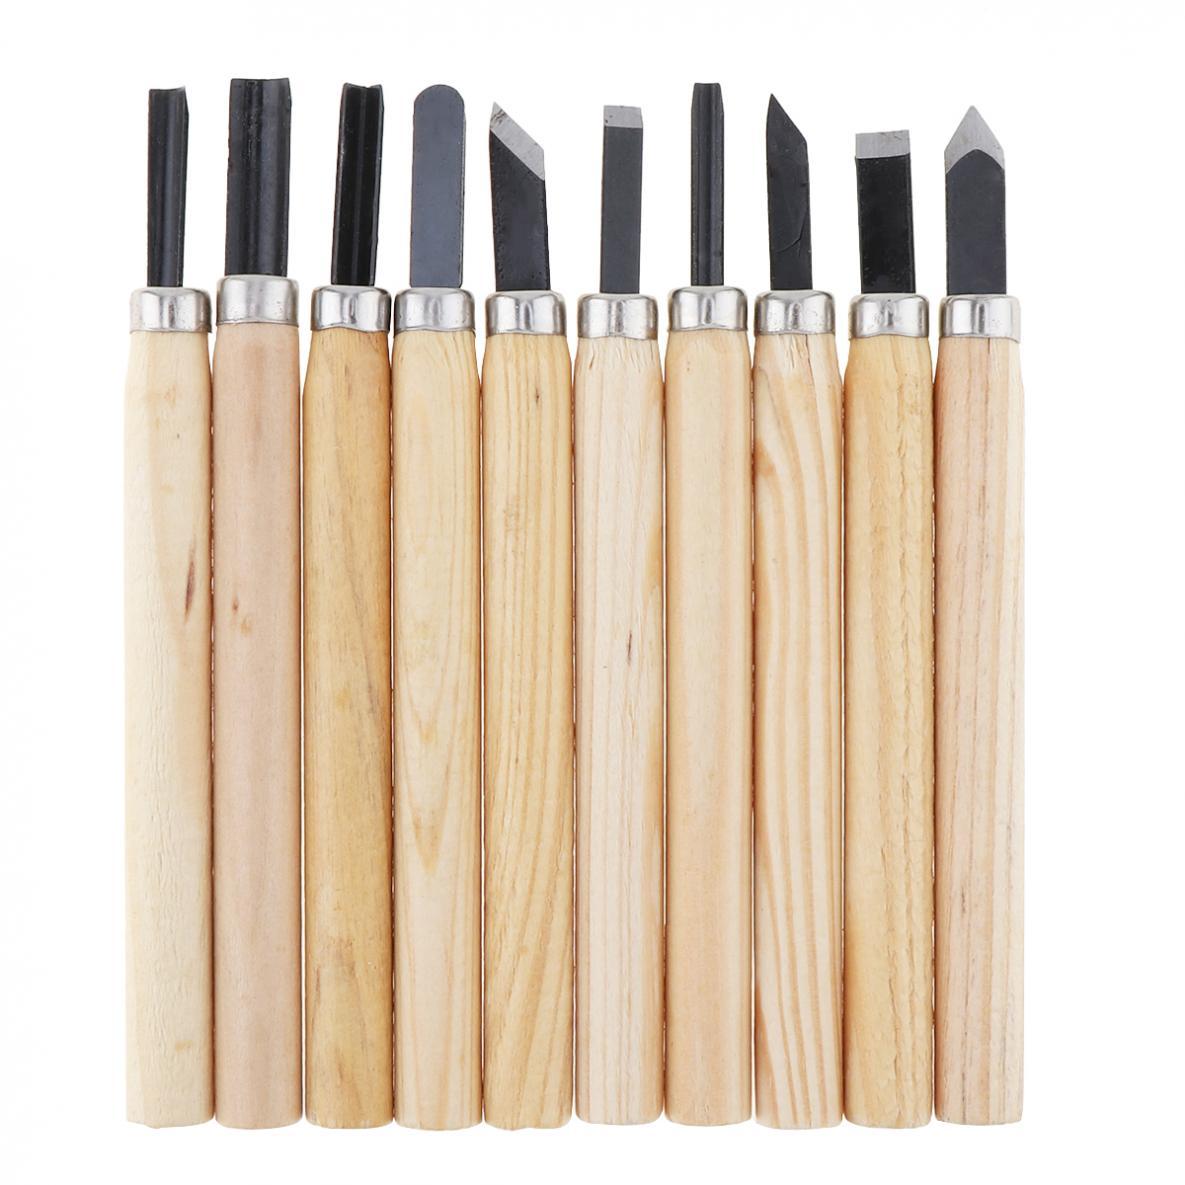 Juego de 10 unidades de Mini cinceles tallados con mango de madera, juego de herramientas de corte práctico, accesorios de herramientas